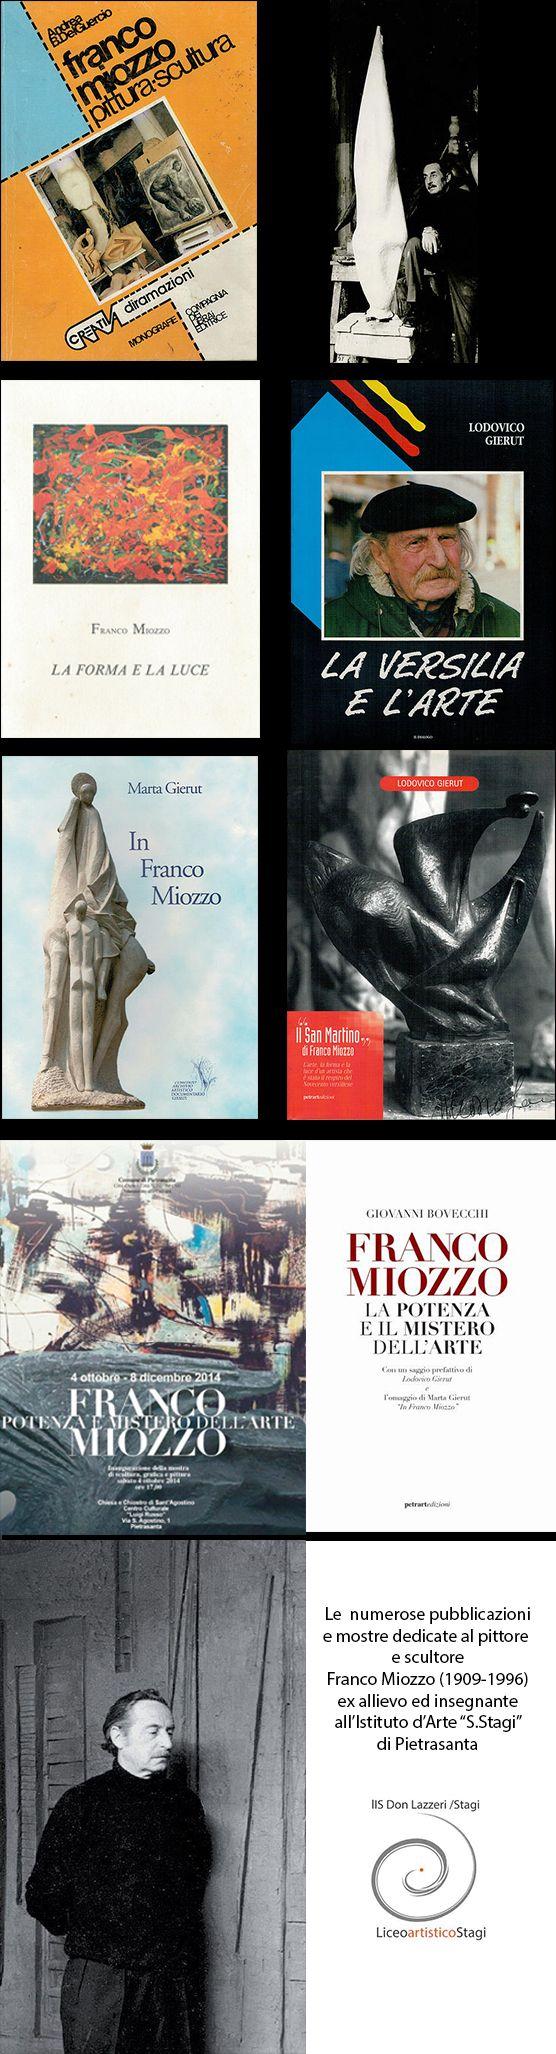 """All'artista Franco Miozzo (1909-1996), ex allievo e insegnante di Discipline plastiche all'Istituto d'Arte """"Stagi"""" di Pietrasanta, sono state dedicate numerose pubblicazioni, soprattutto da parte del critico Lodovico Gierut."""